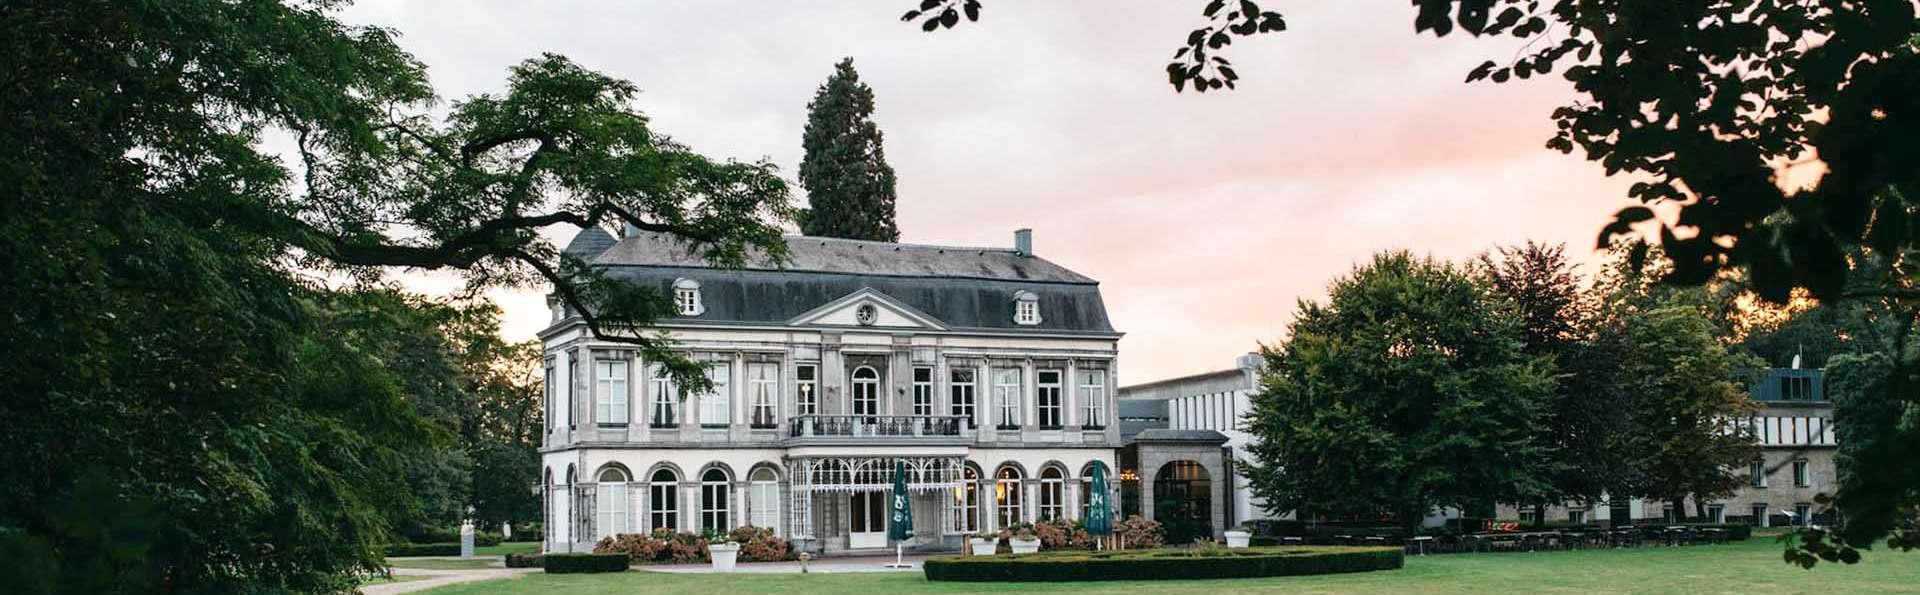 Descubre la naturaleza de los Países Bajos en un hotel de ensueño en Maastricht